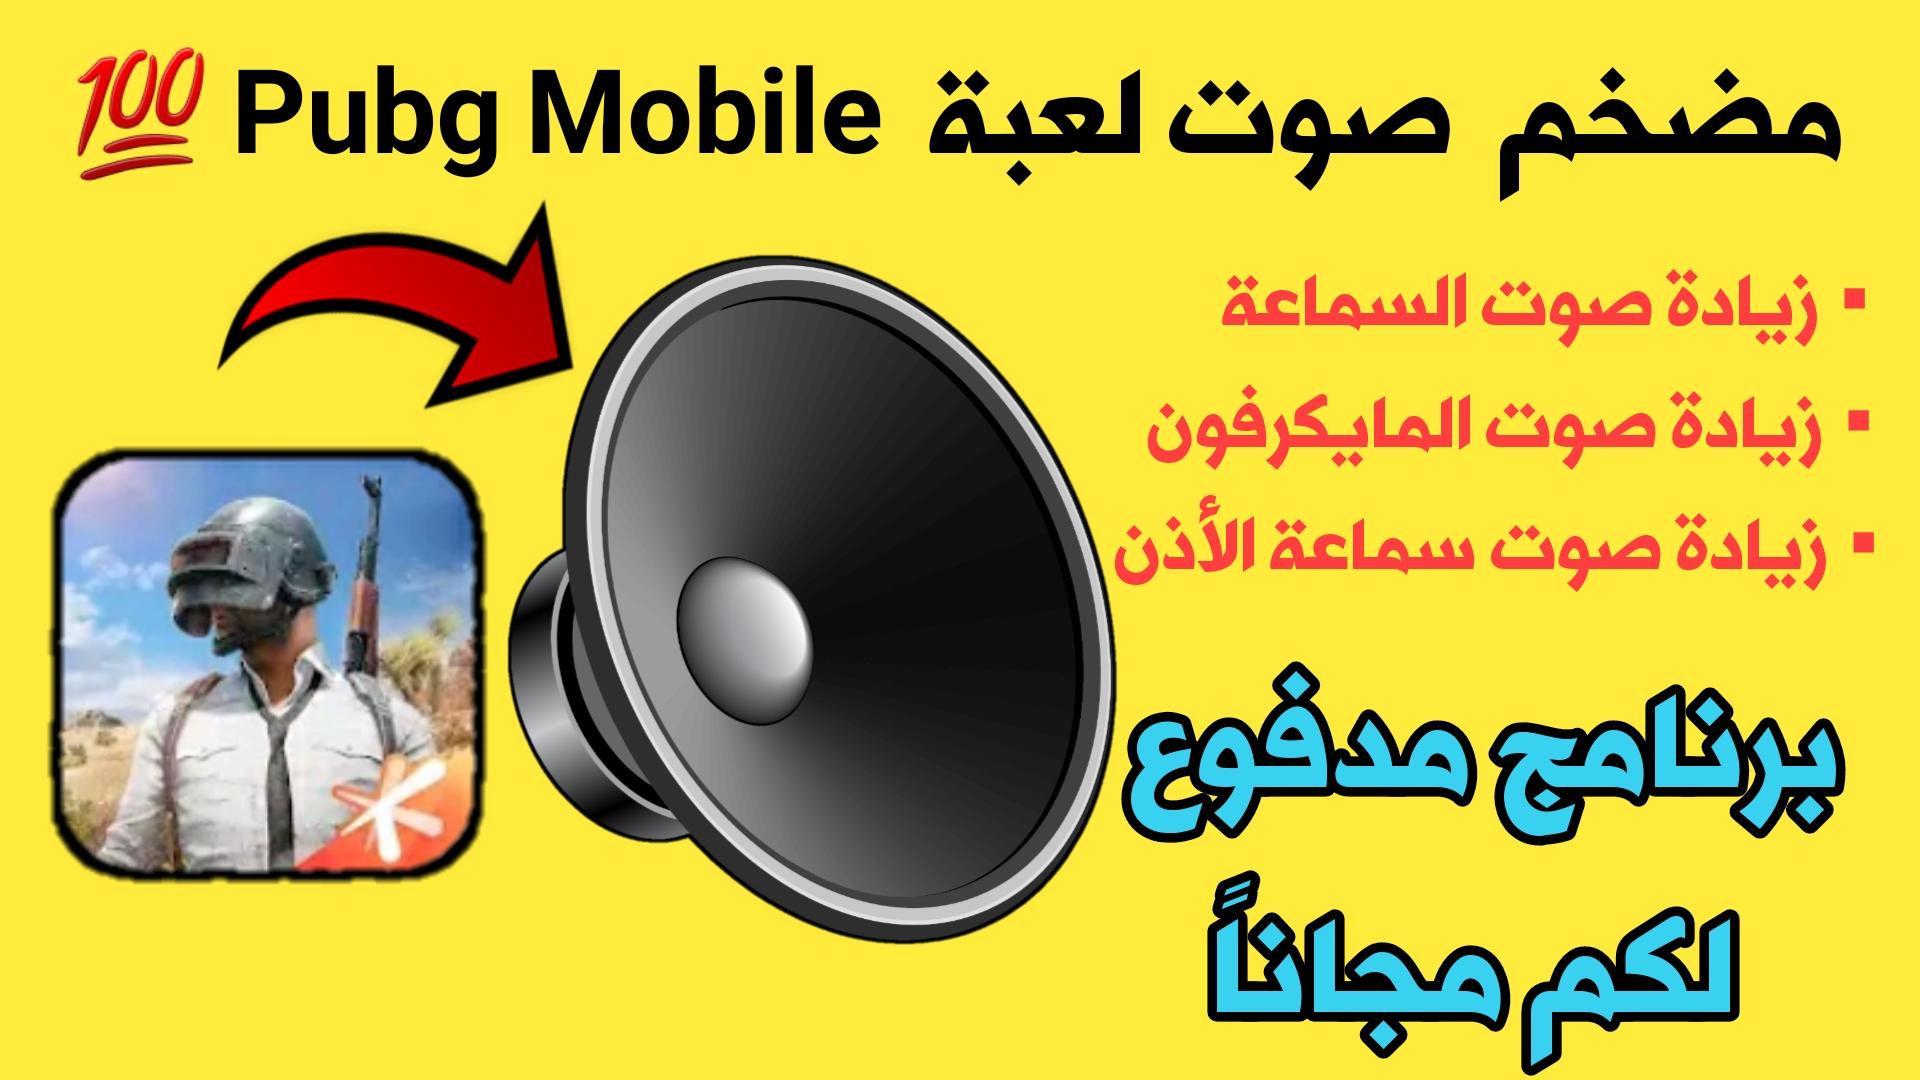 كيفية زيادة صوت لعبة Pubg Mobile ! تطبيق مضخم صوت هواتف Android